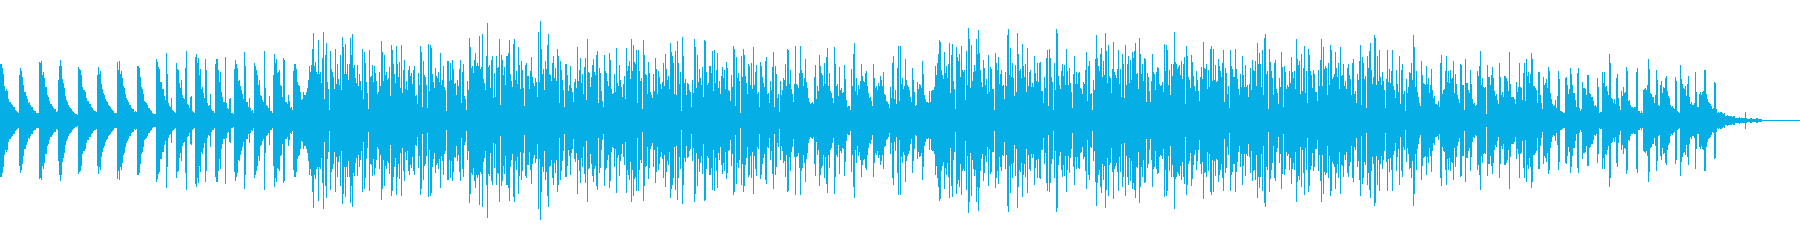 朝を感じれるゆったりとしたかわいい曲の再生済みの波形